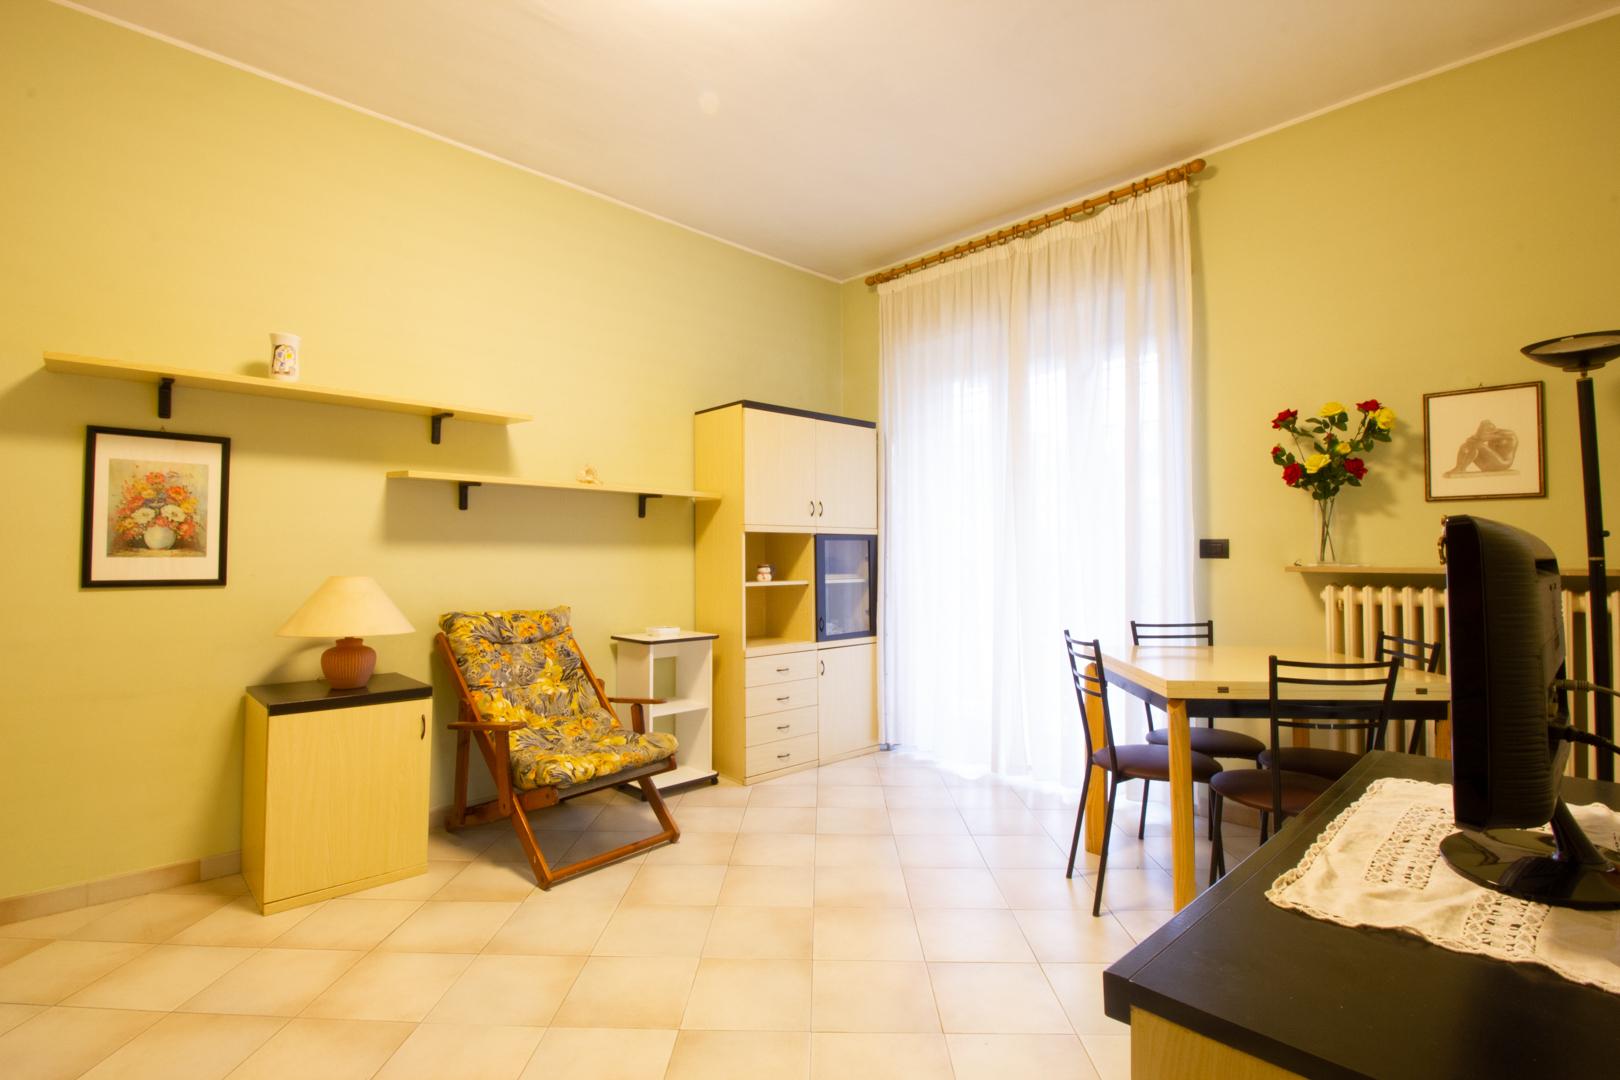 Appartamento in affitto a Vinovo, 1 locali, zona no, prezzo € 400 | PortaleAgenzieImmobiliari.it